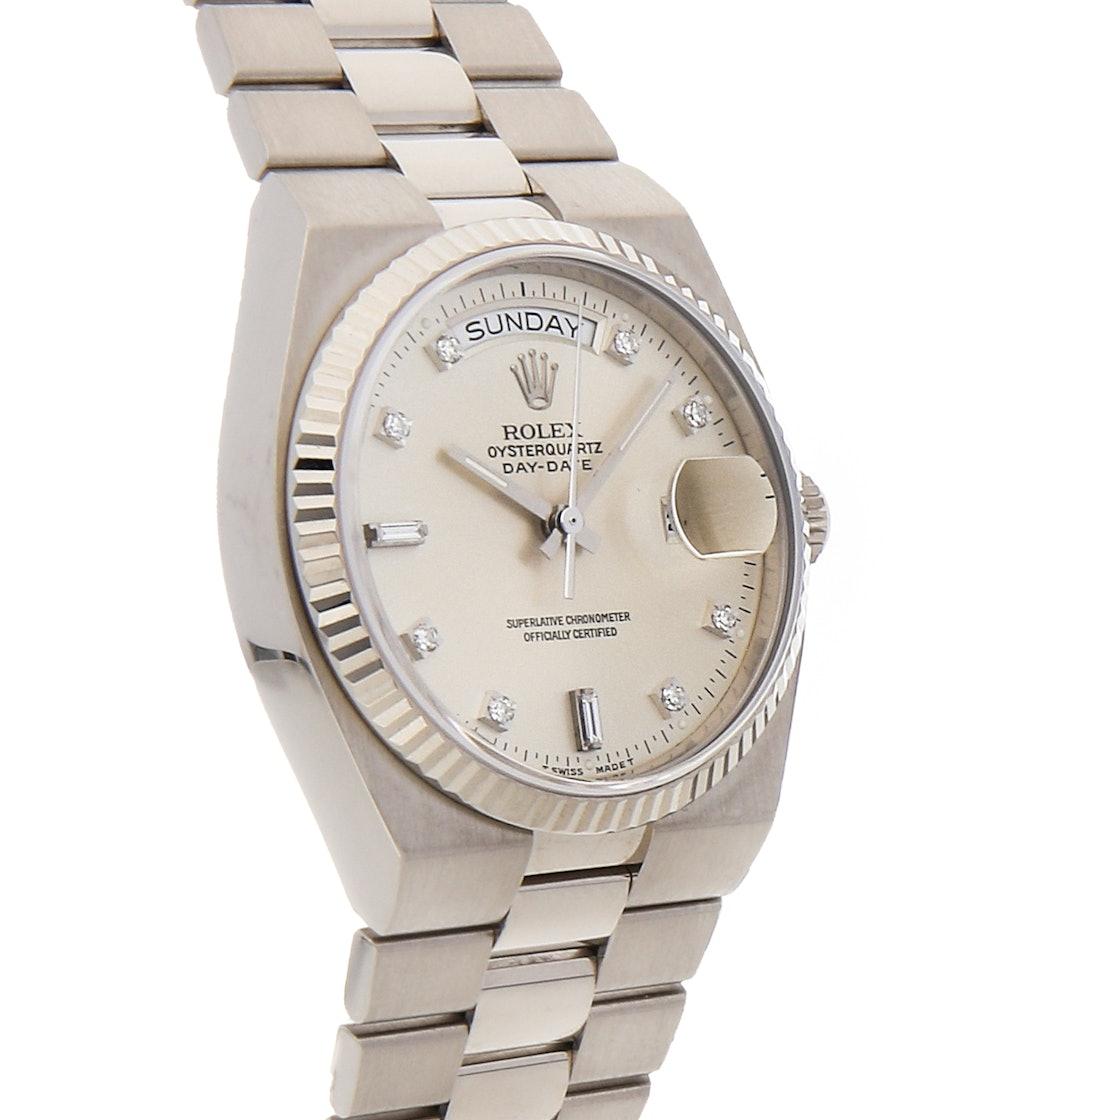 Rolex Oysterquartz Day-Date 19019